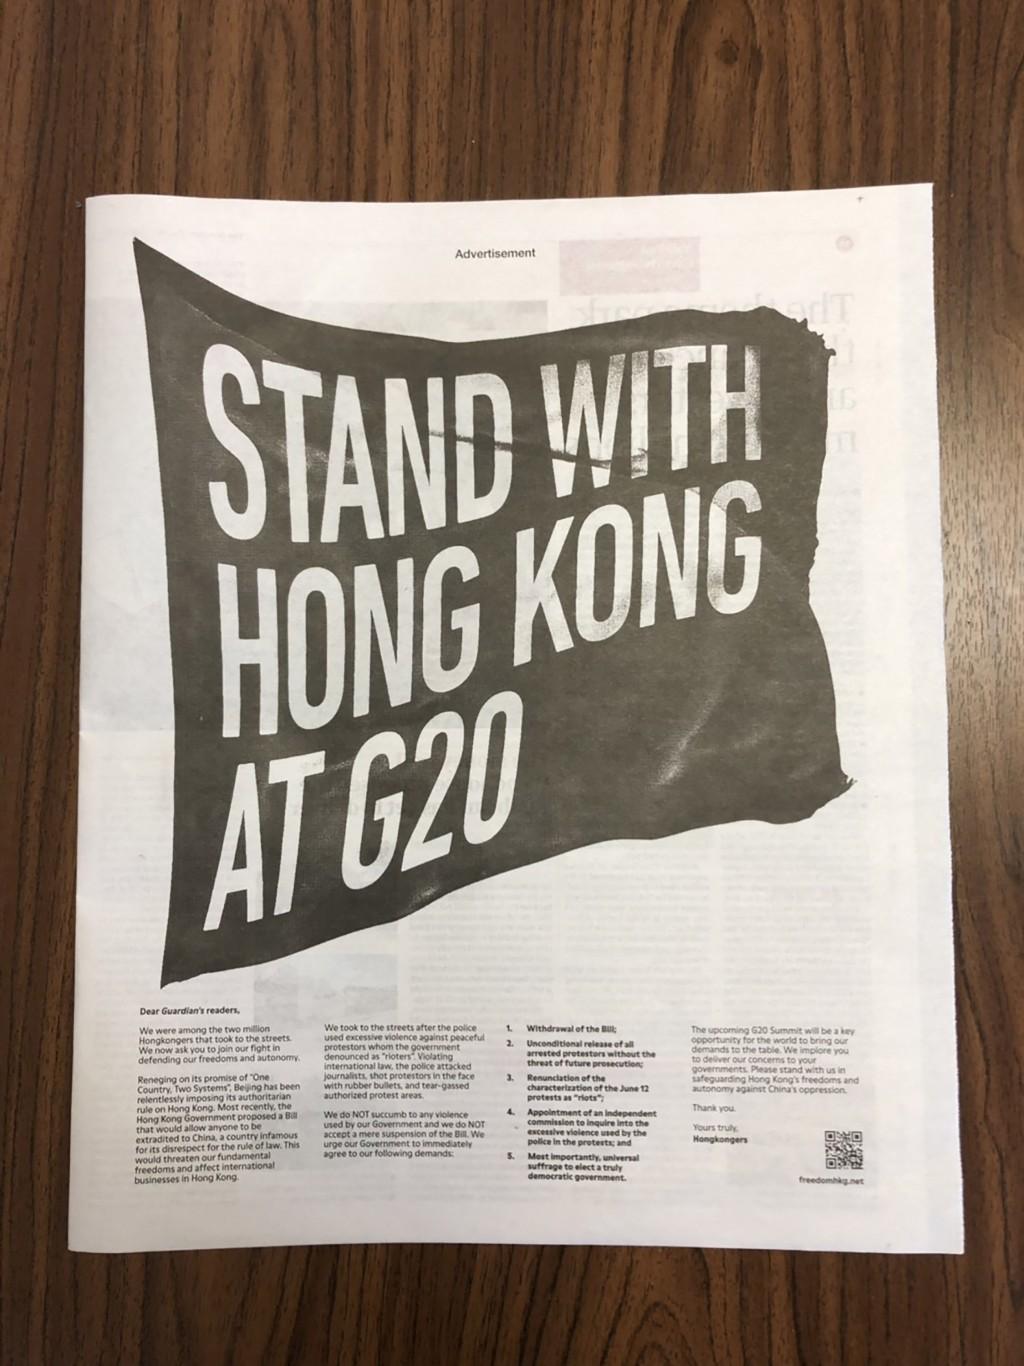 港人全球媒體刊登廣告 籲G20領袖救香港